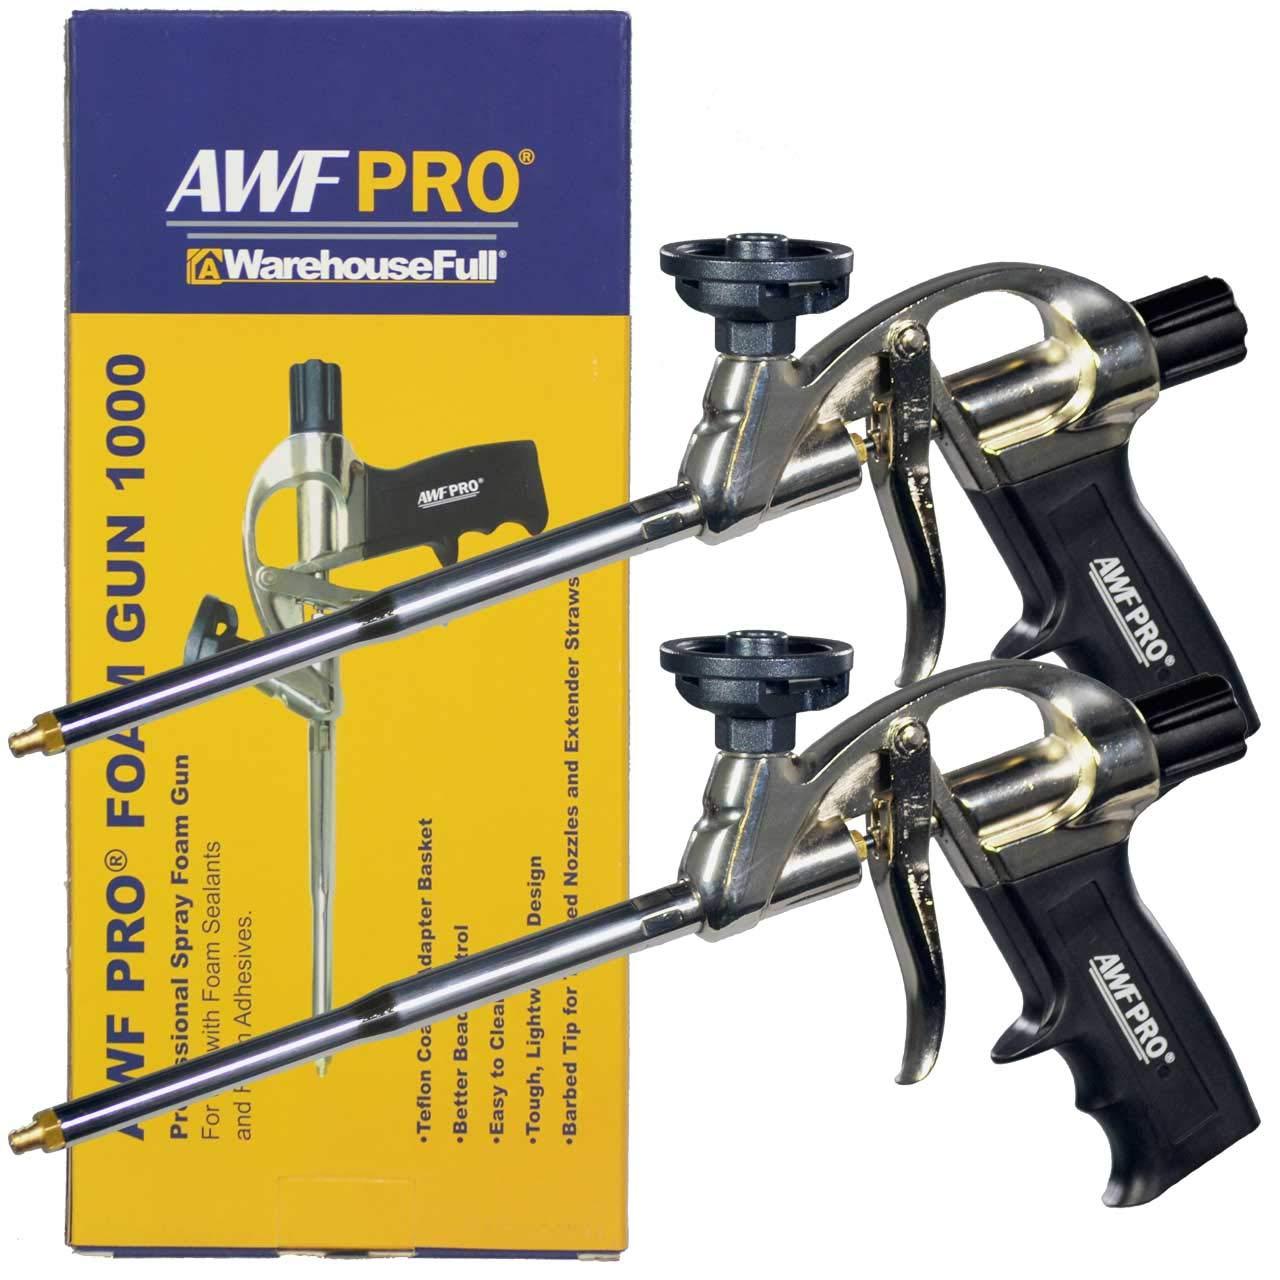 2 Pack - AWF Pro Professional Foam Gun by AWF PRO